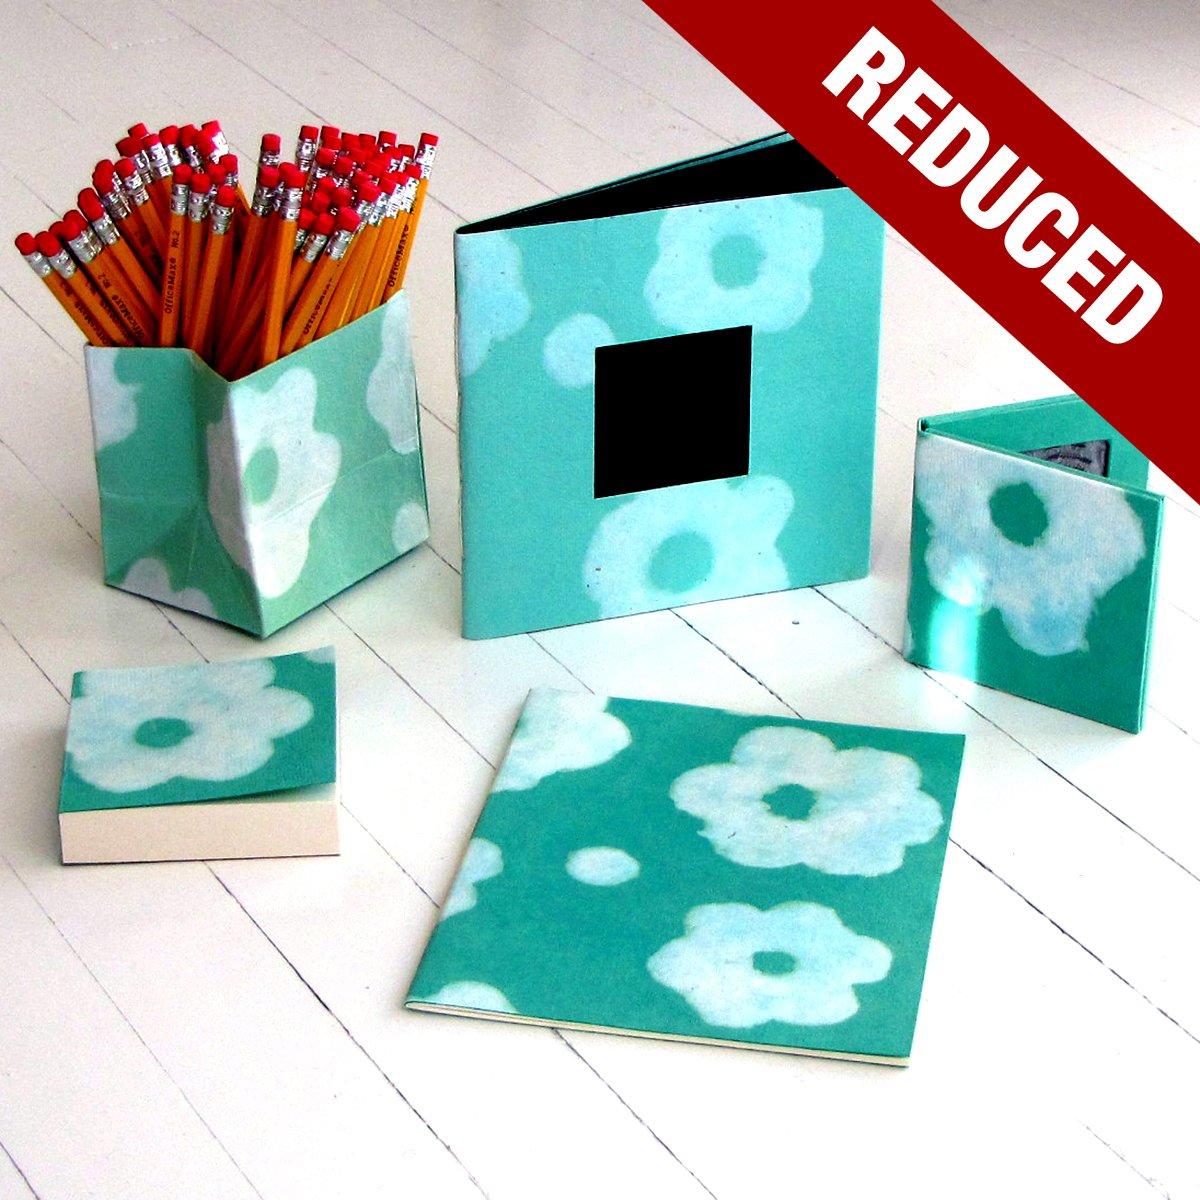 Desk sets aqua 5pc handmade flower power paper accessories mom present